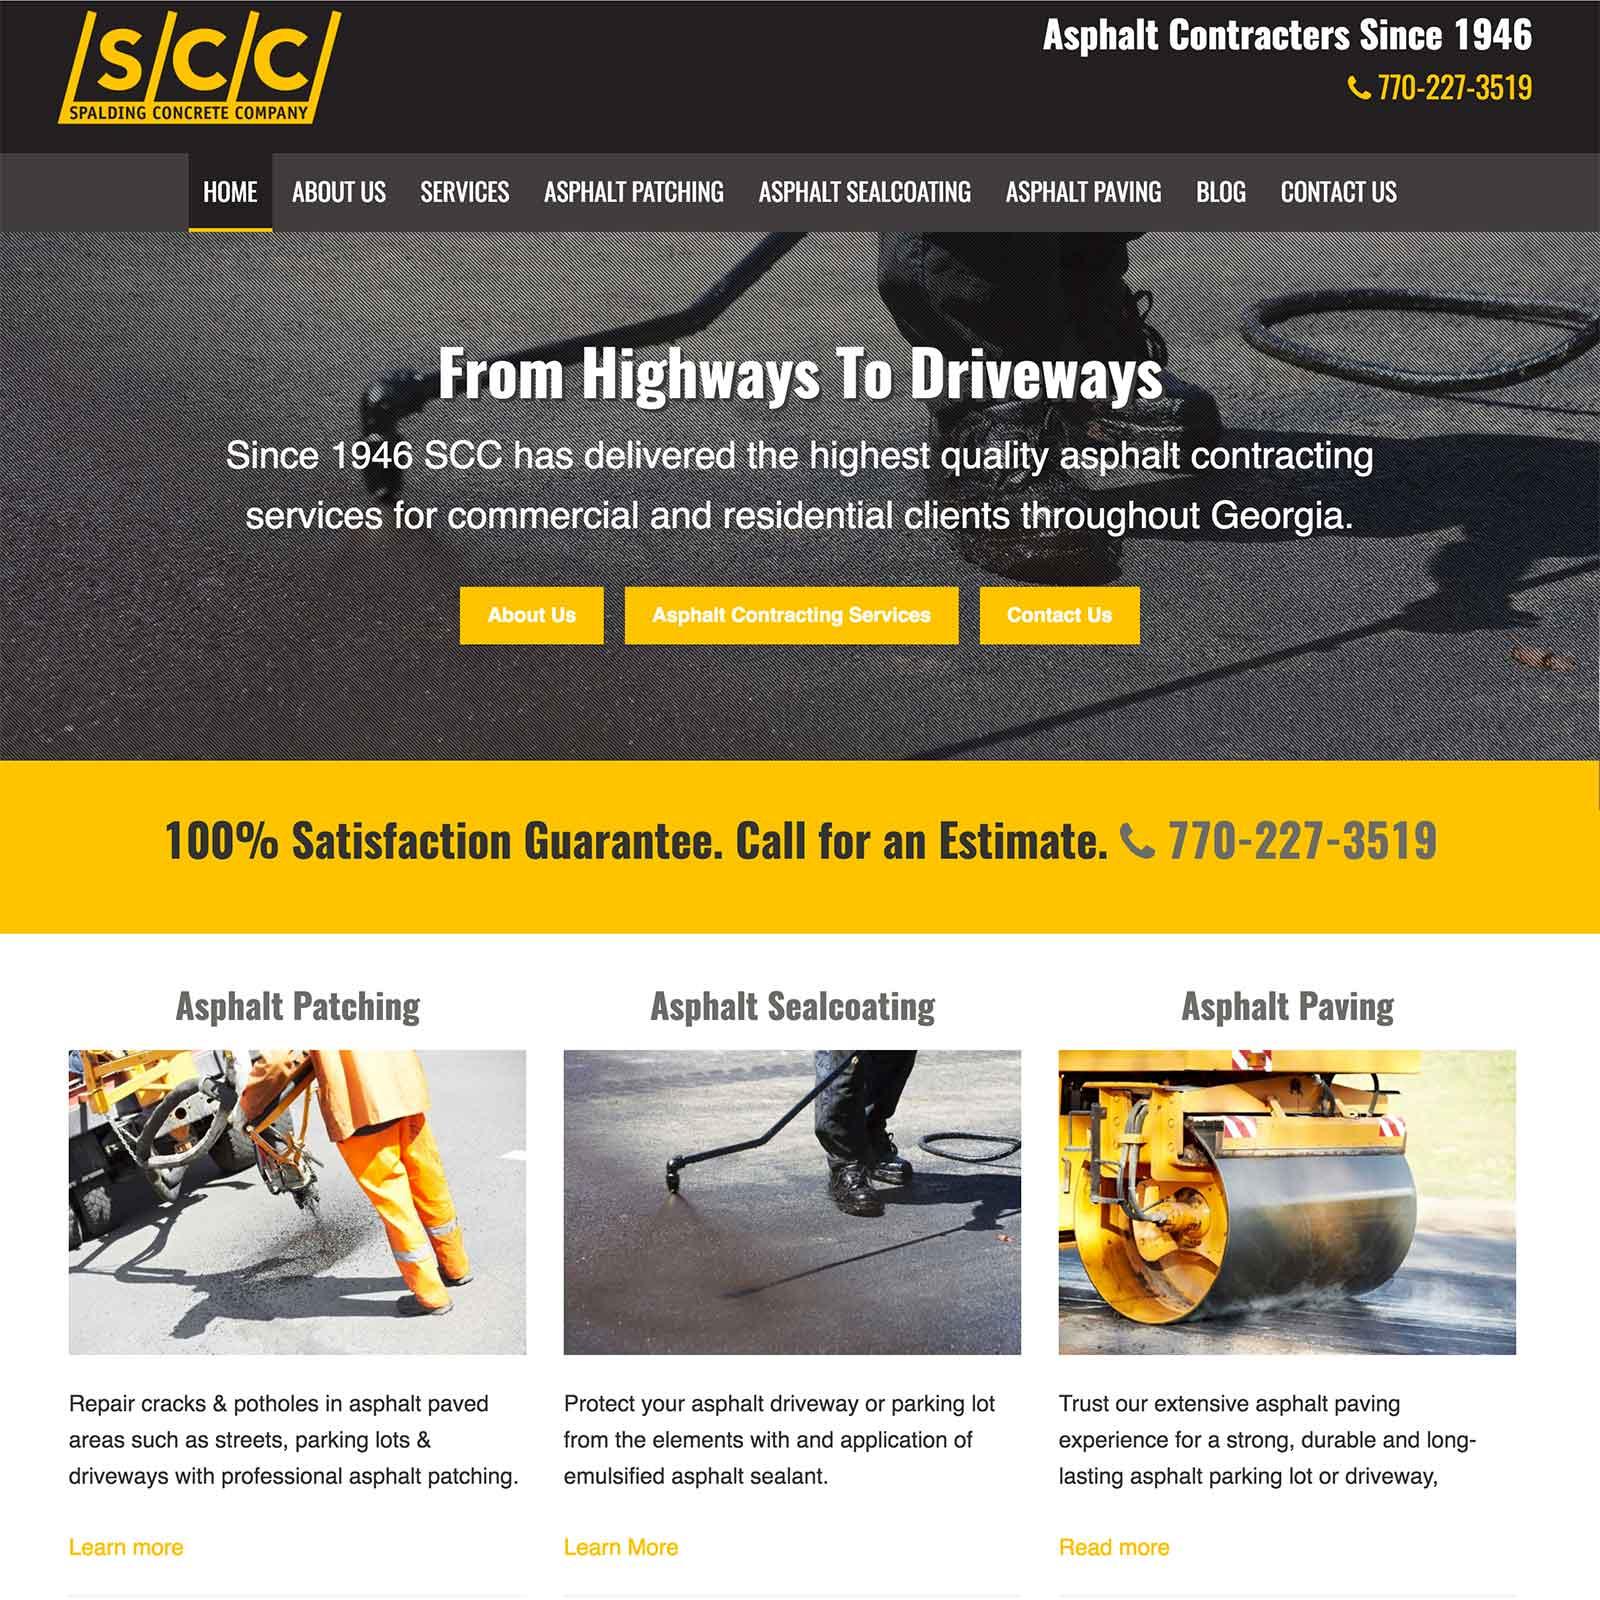 SCC - Asphalt Contractors